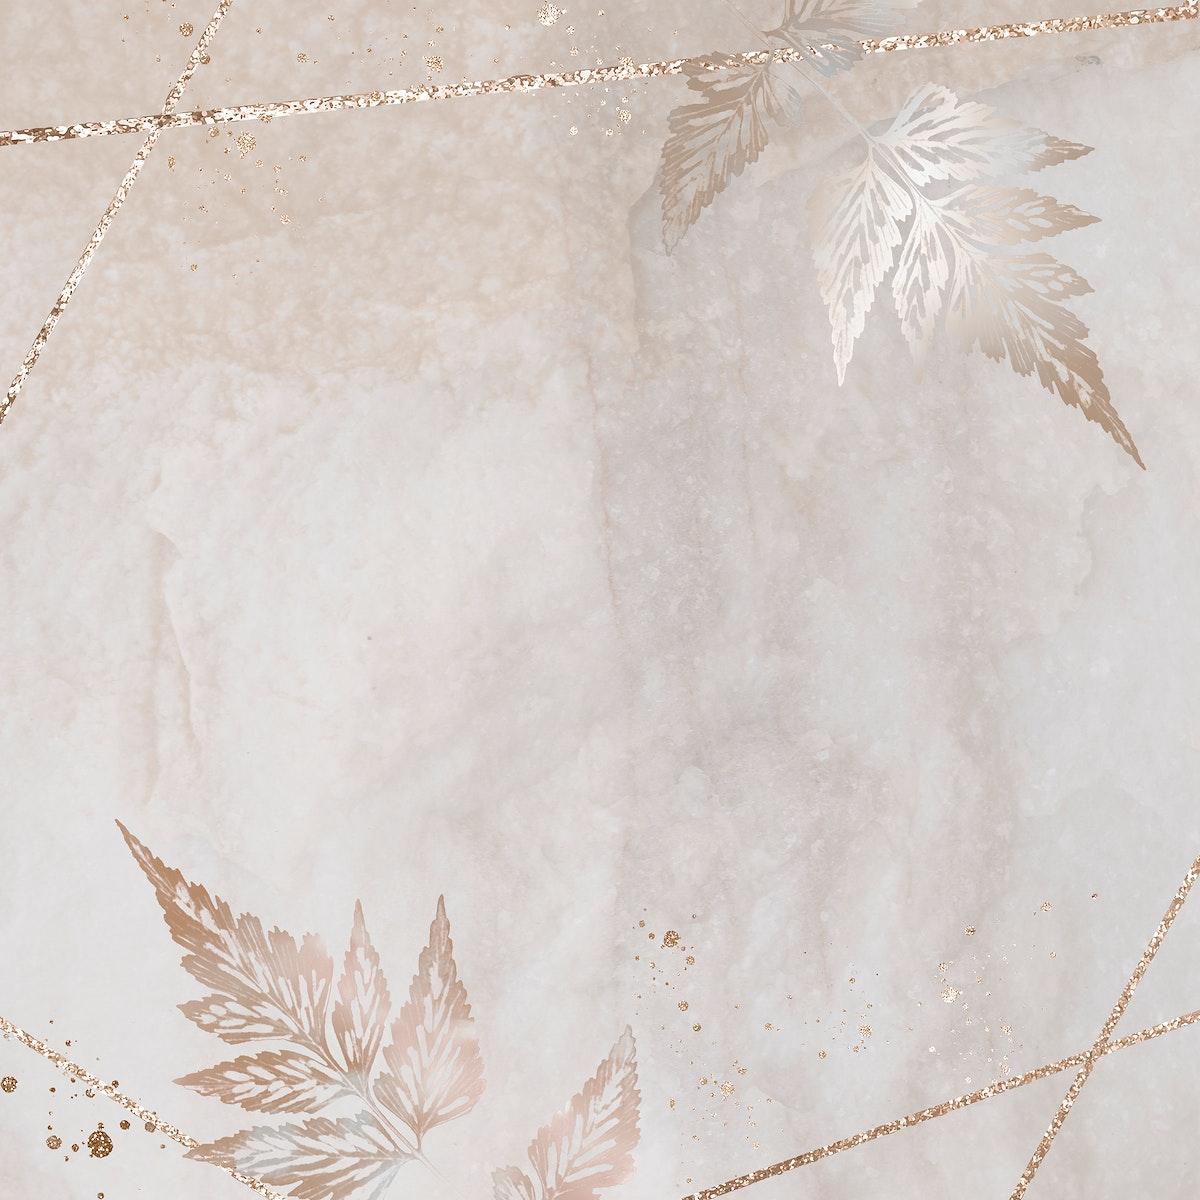 Glittery sickle spleenwort frame design resource